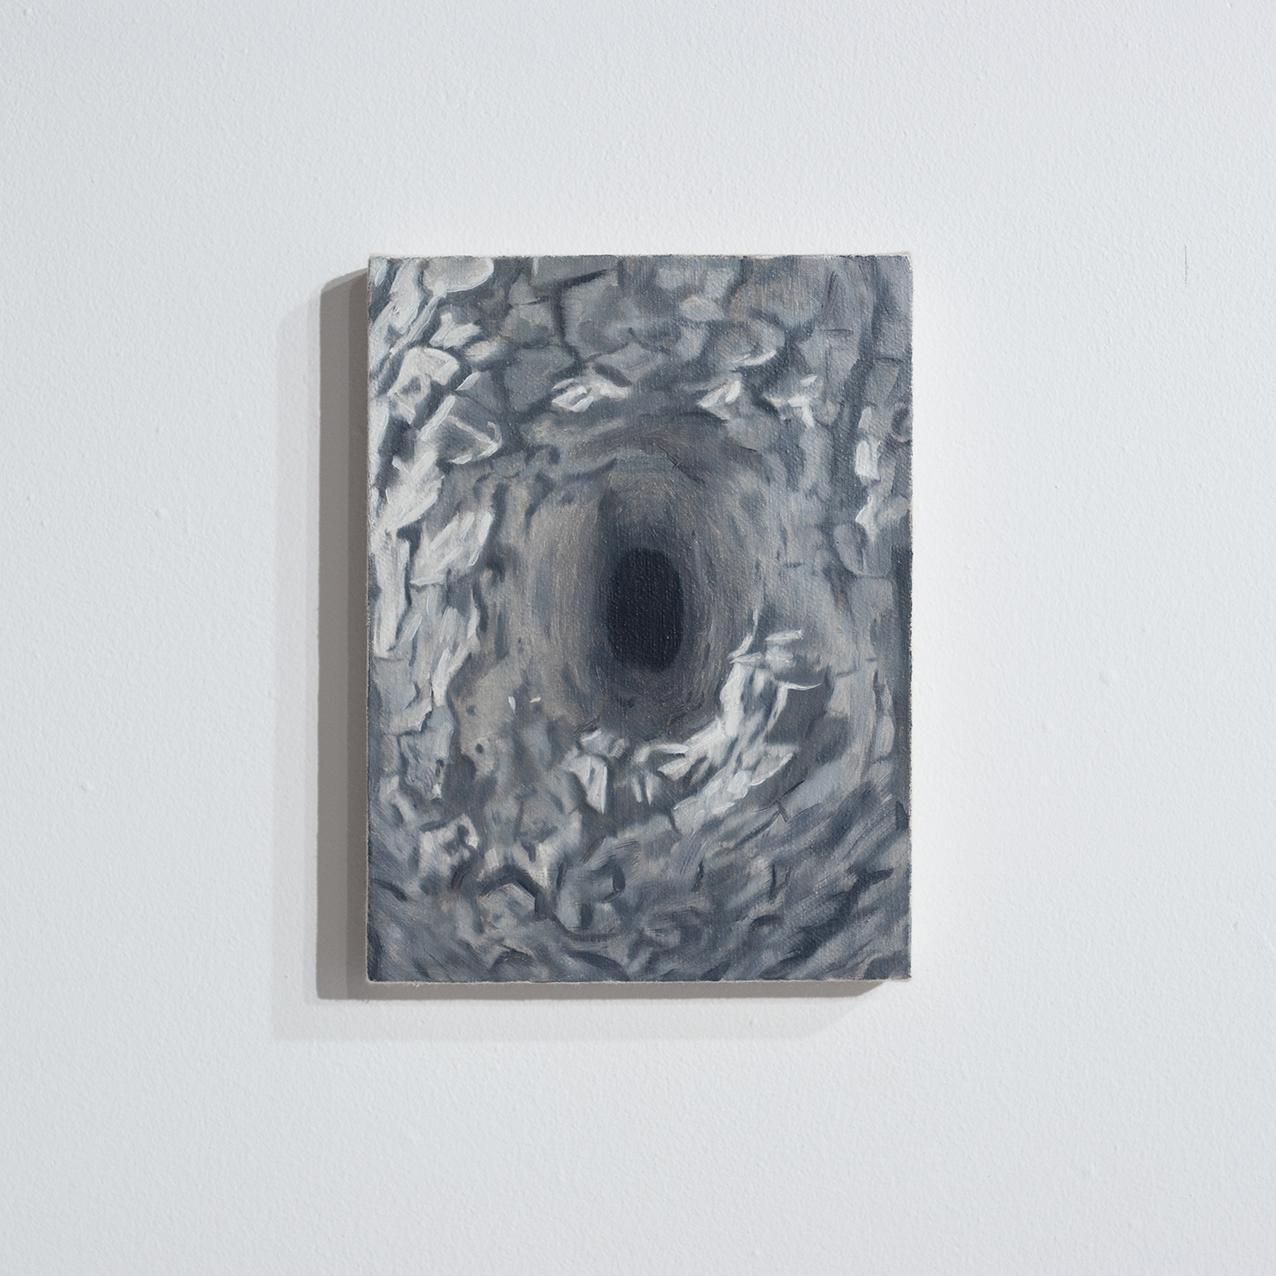 0 Małgorzata Pawlak, Dziupla 15, 24x18cm, 2020